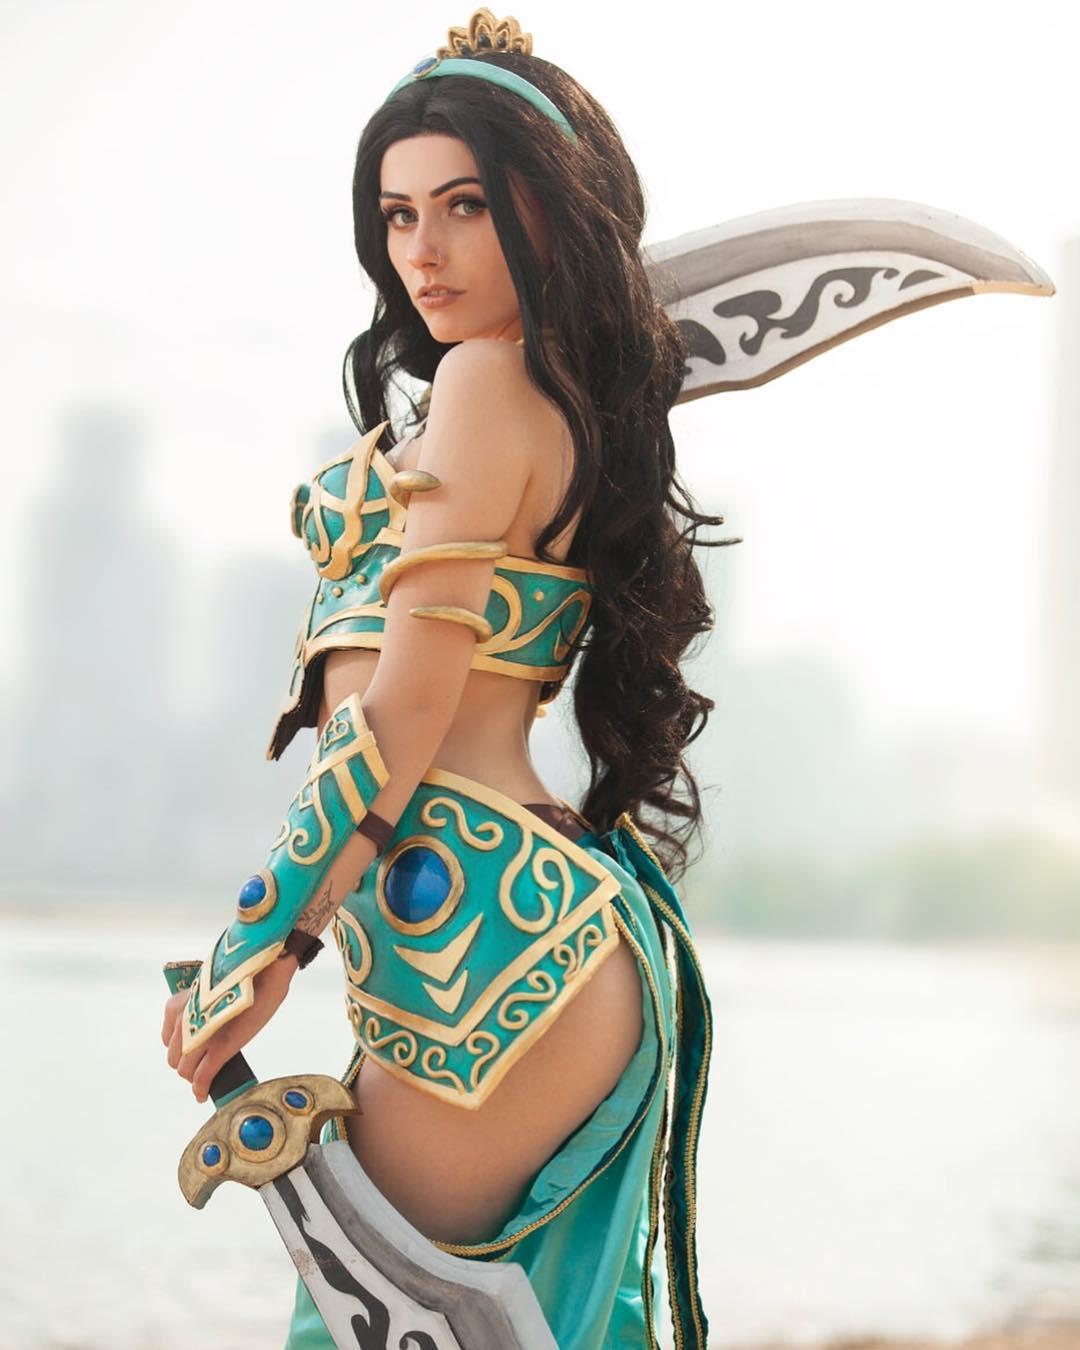 加拿大美女Cos美图让人想舔屏 肤白貌美身材超火辣  cosplay写真